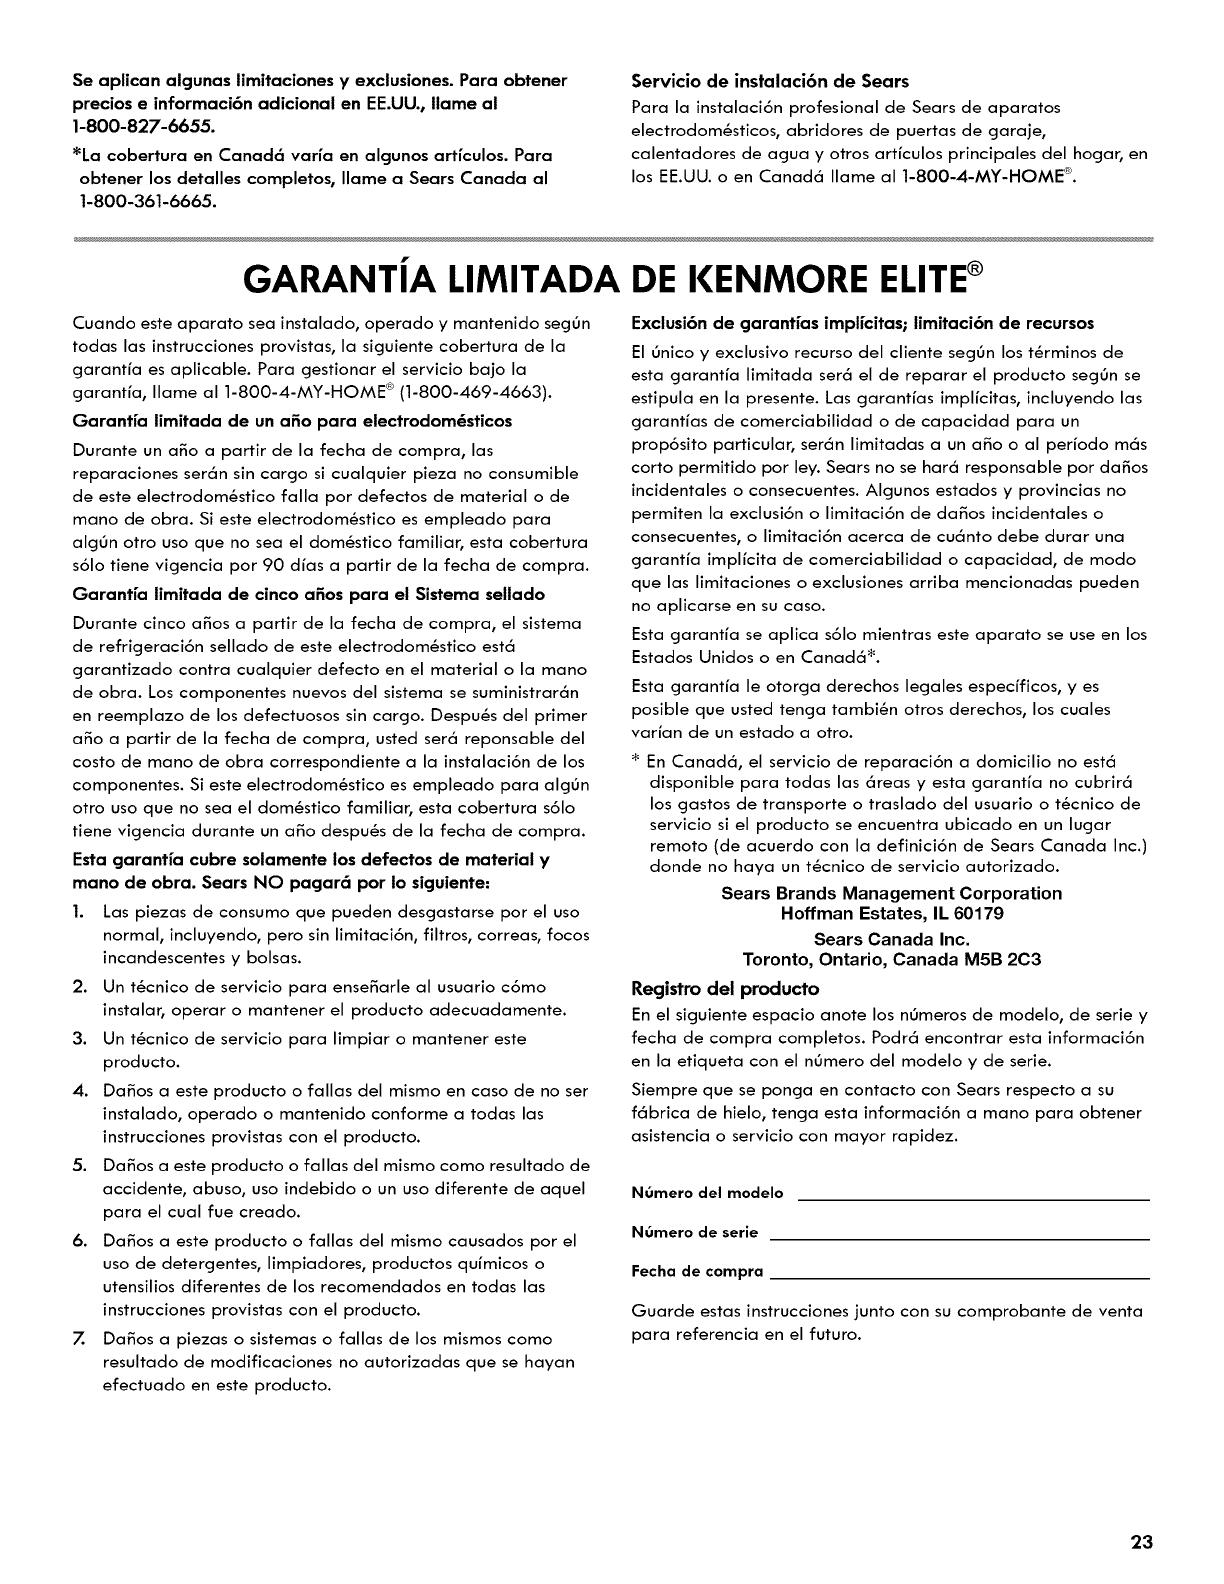 Increíble Para Habilidades De Reanudar Modelo - Ejemplo De Colección ...